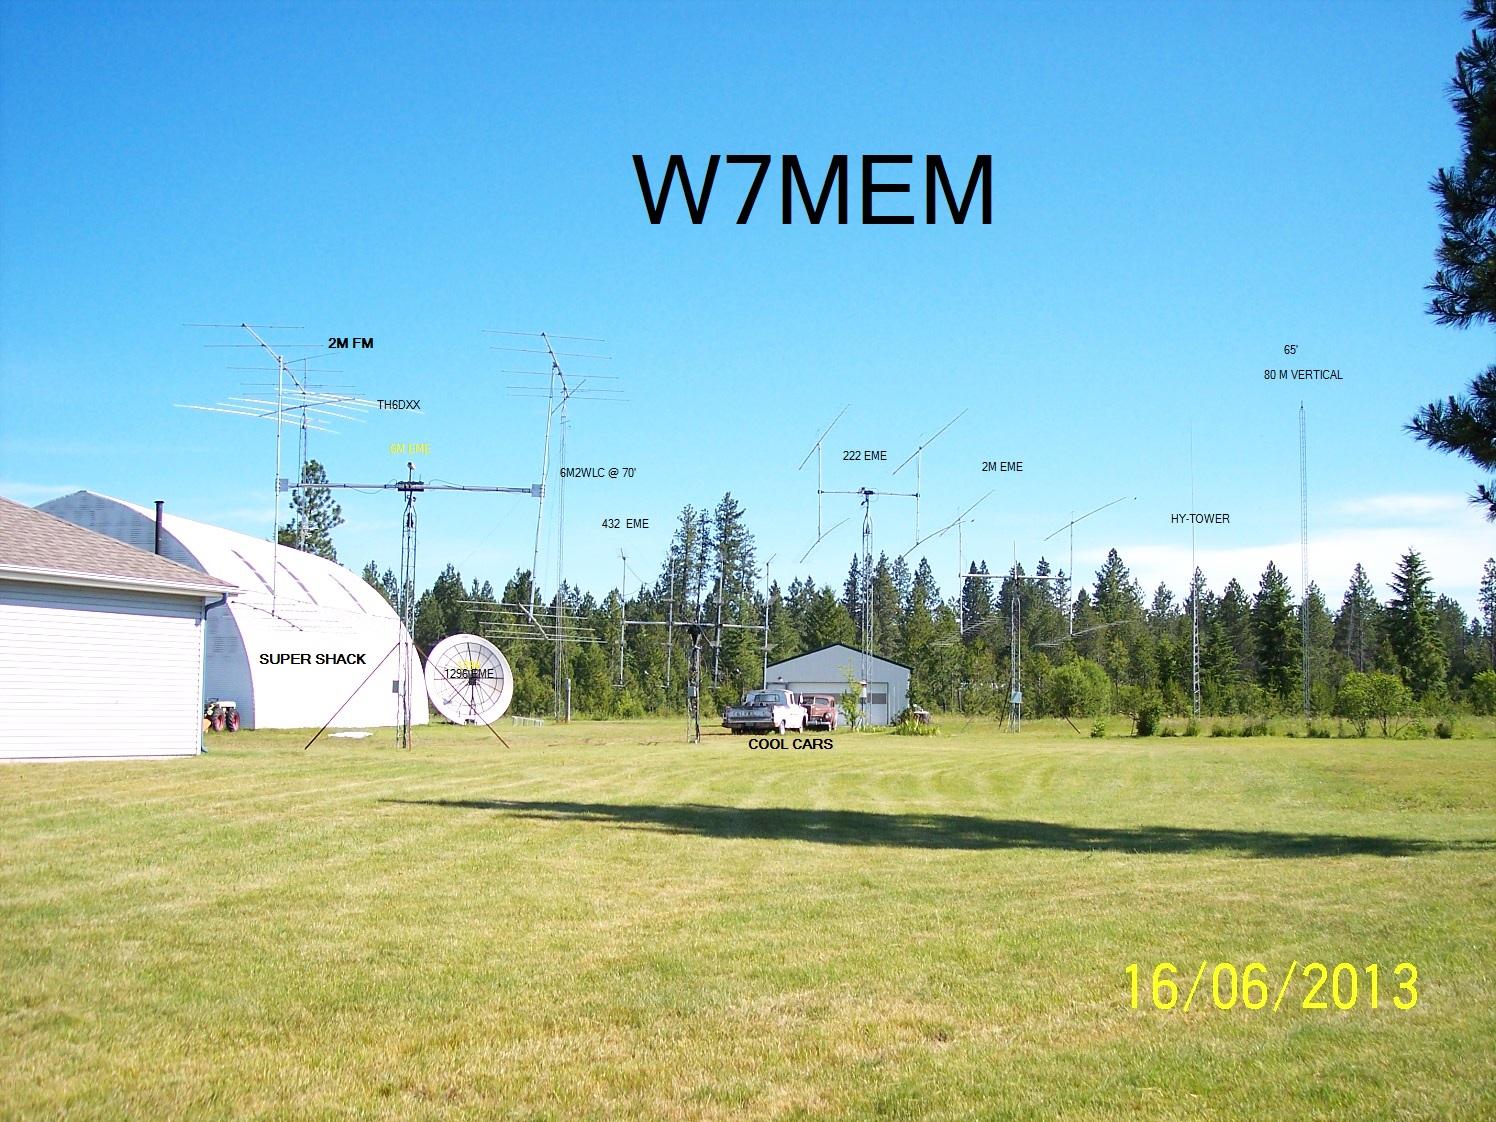 QSL image for W7MEM